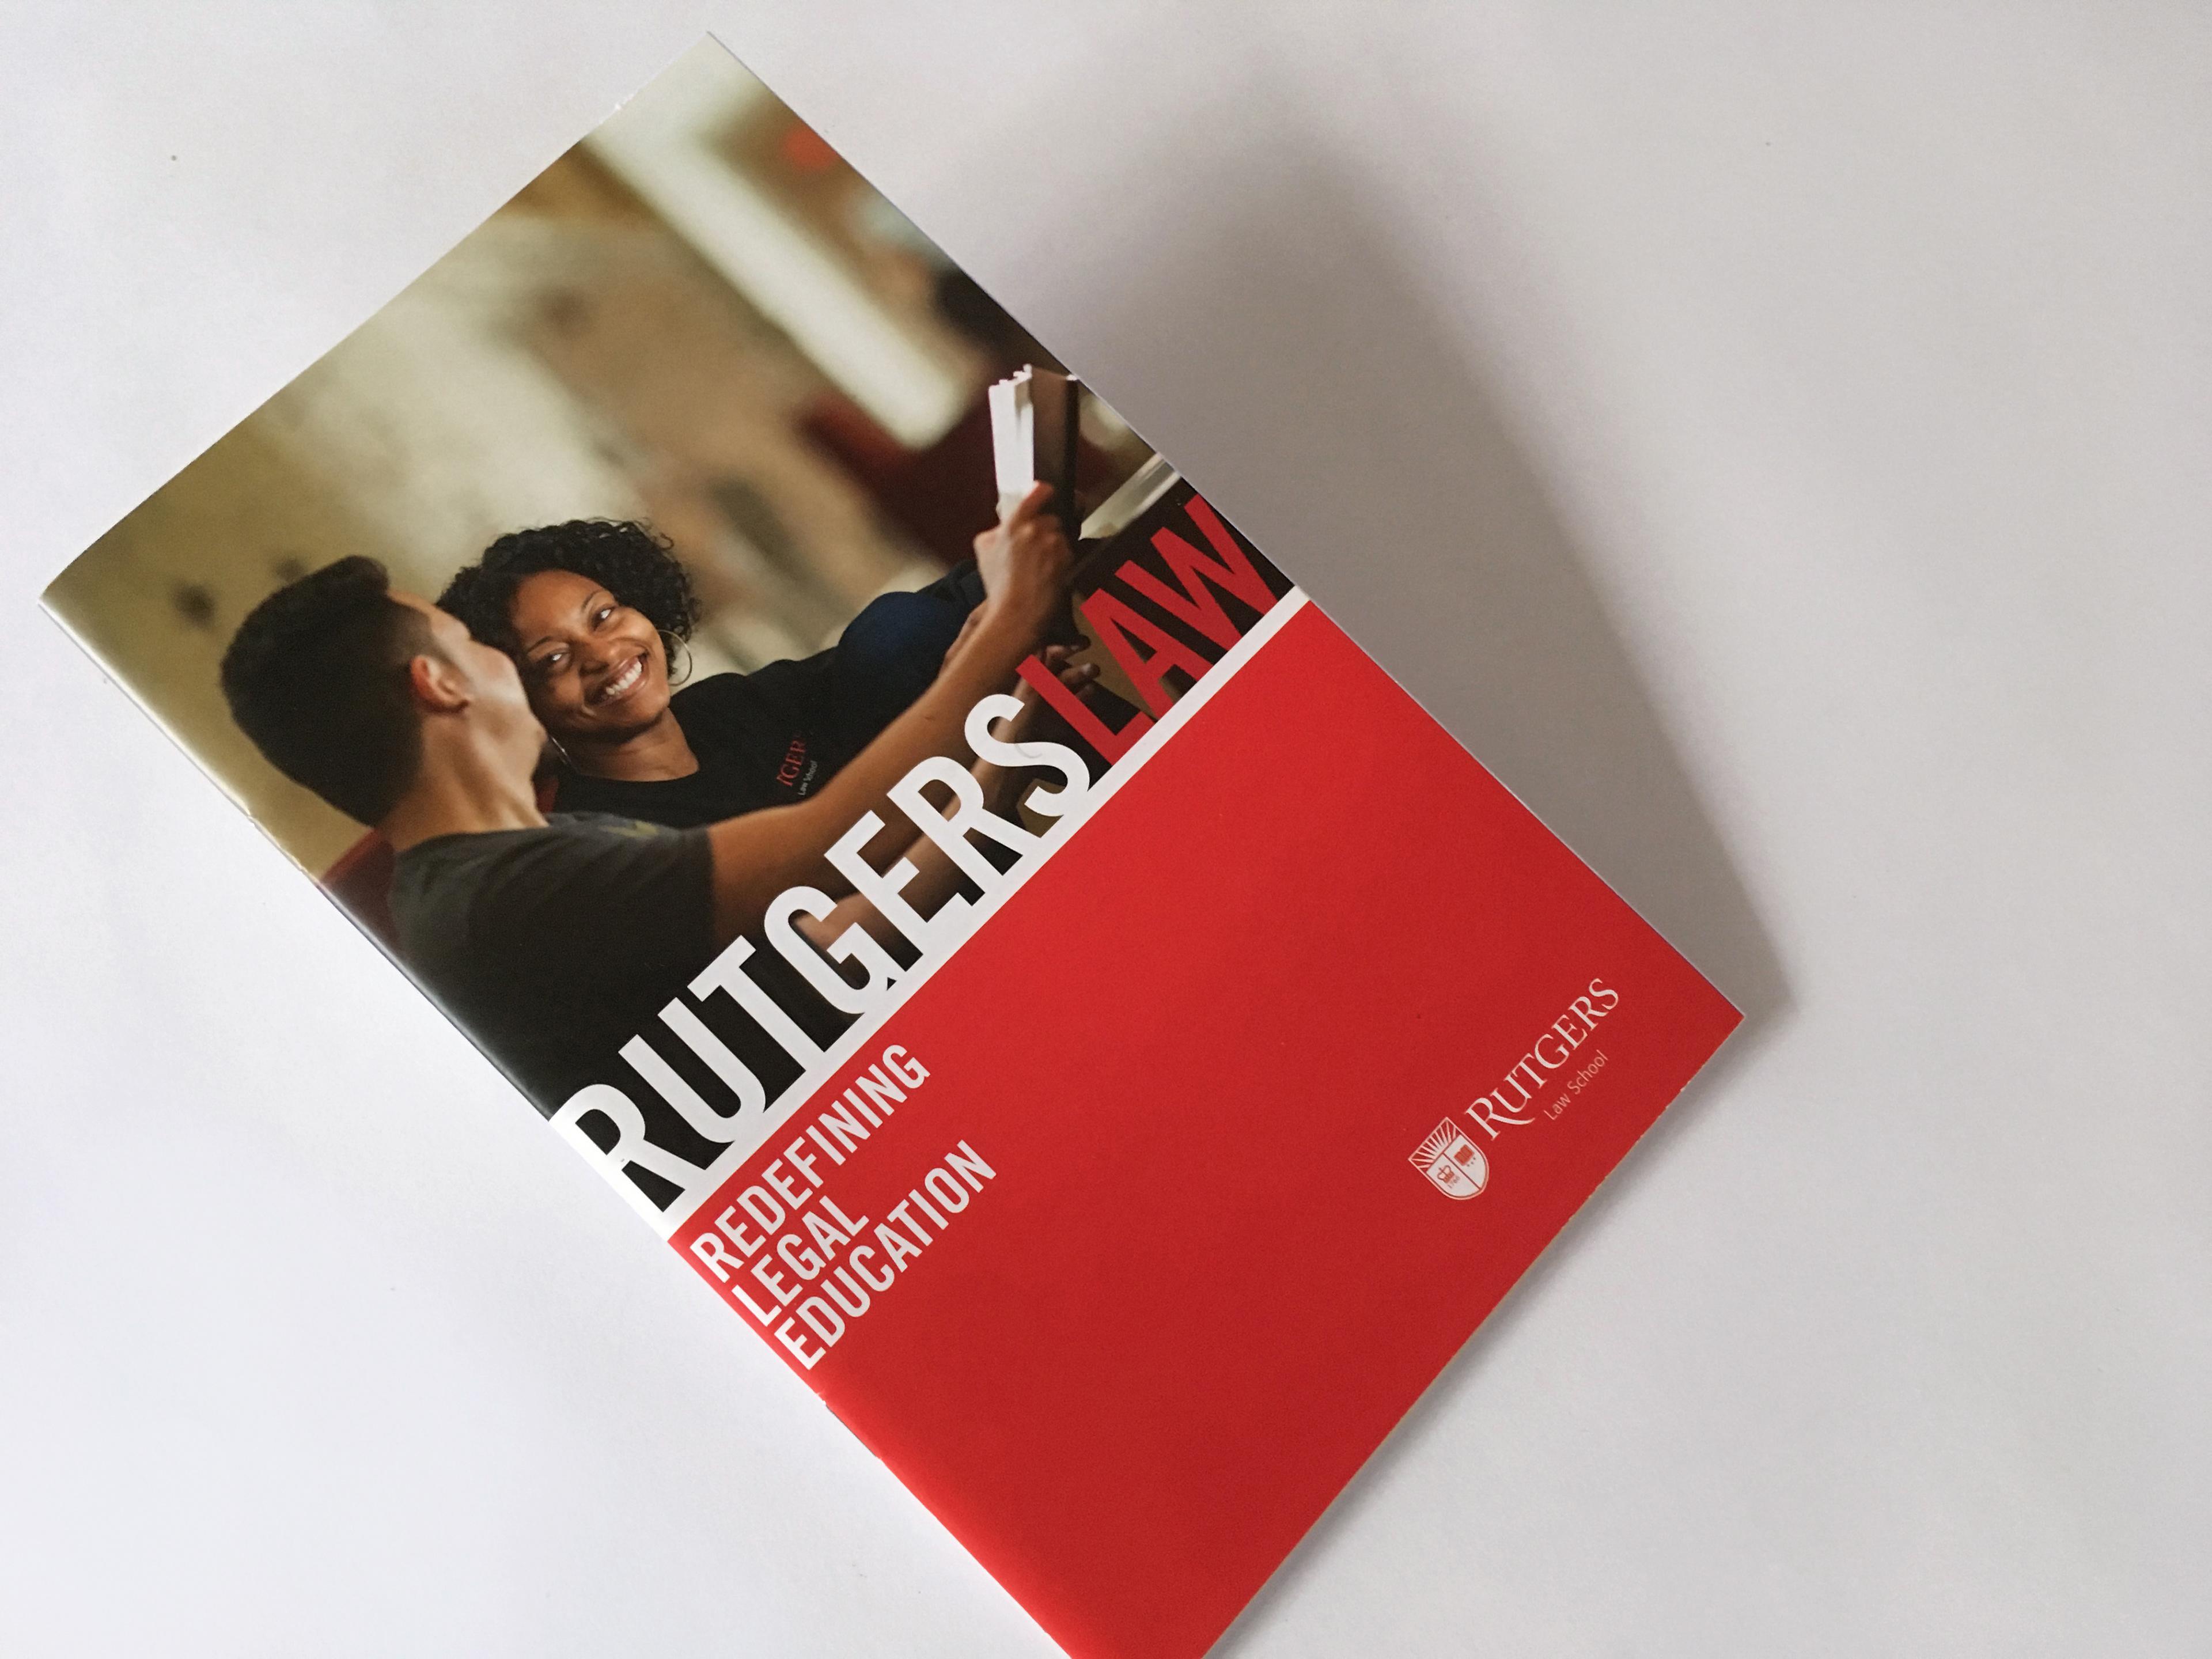 rutgers mfa creative writing